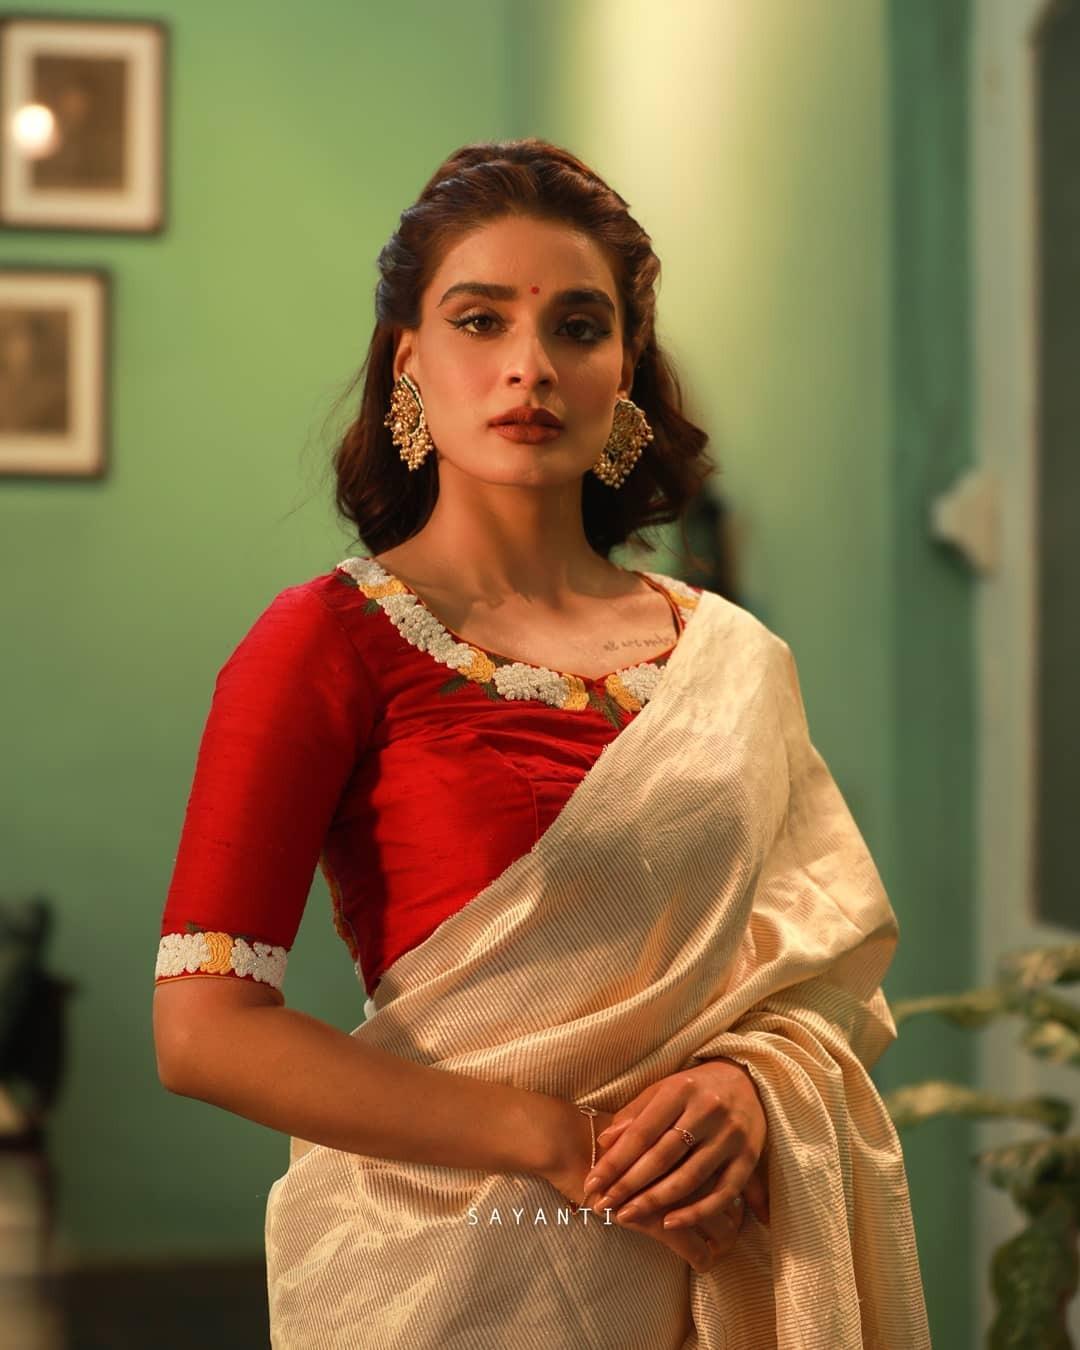 Saptapadi wedding blouse-Sayanti Ghosh